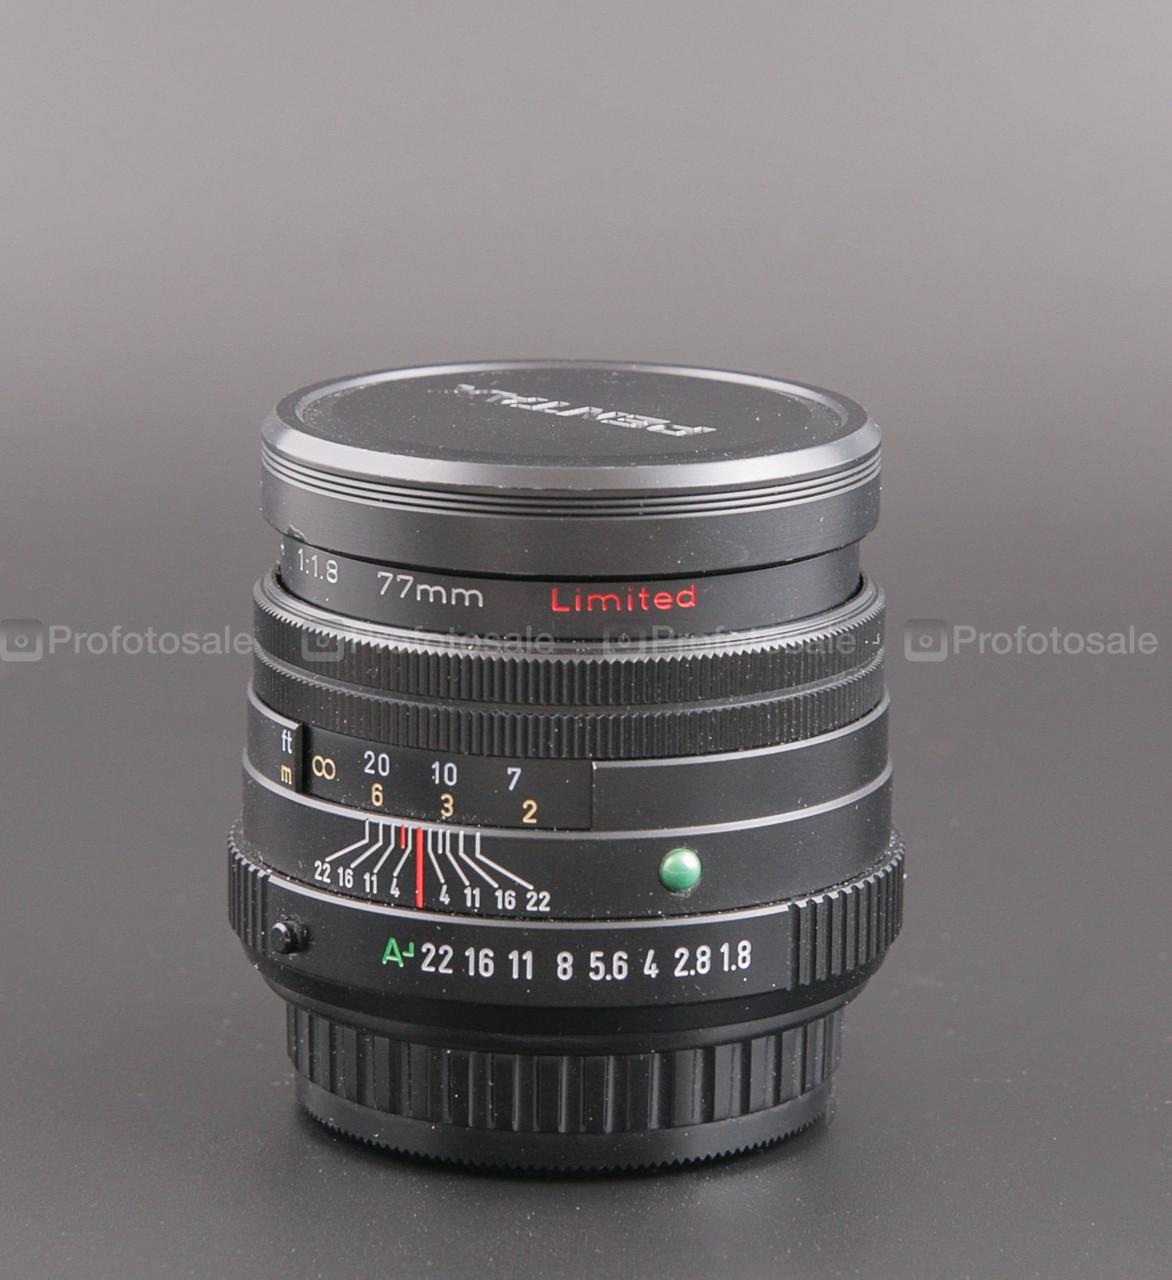 Pentax SMC FA77mm F1.8 Limited